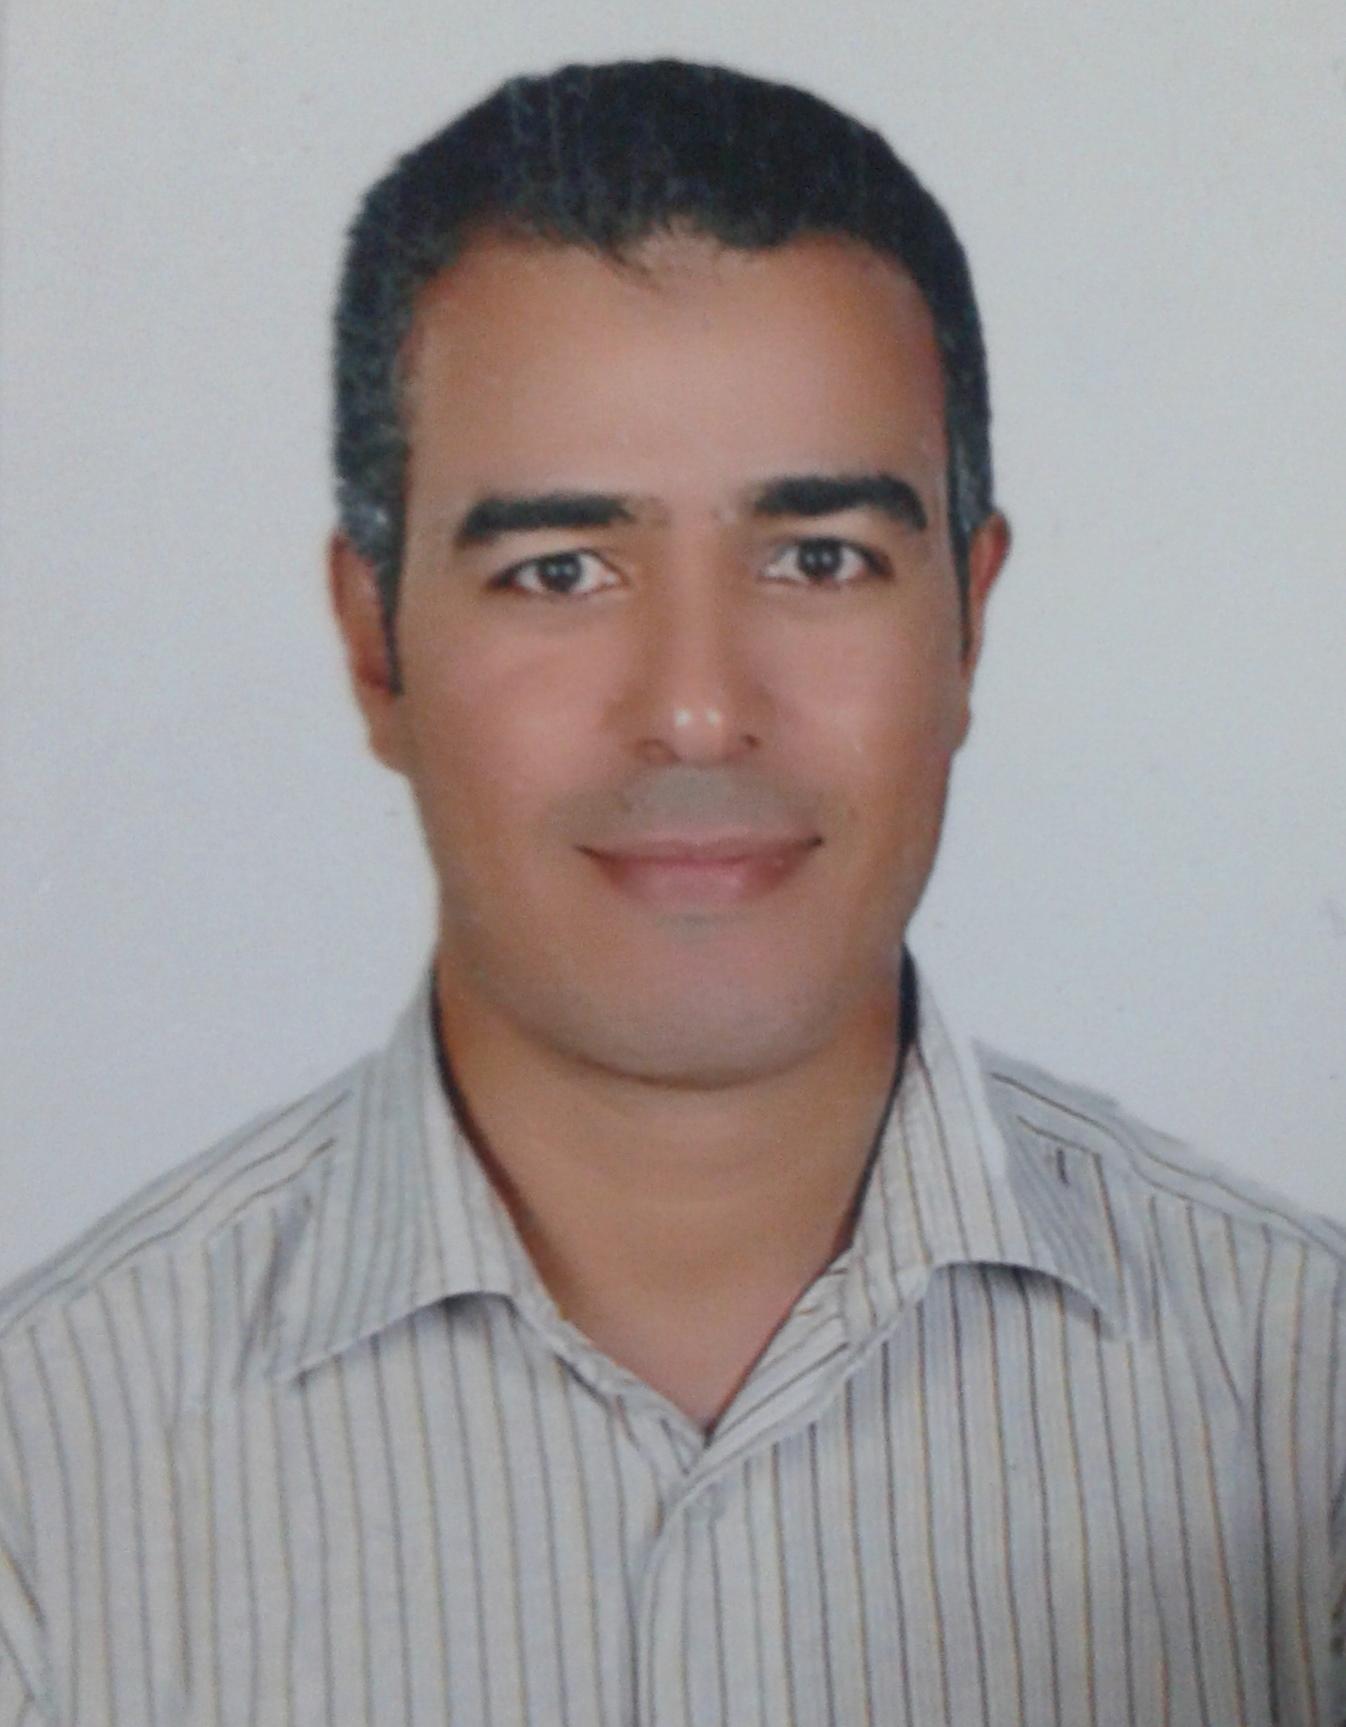 Ahmed Ali Abdelhamed